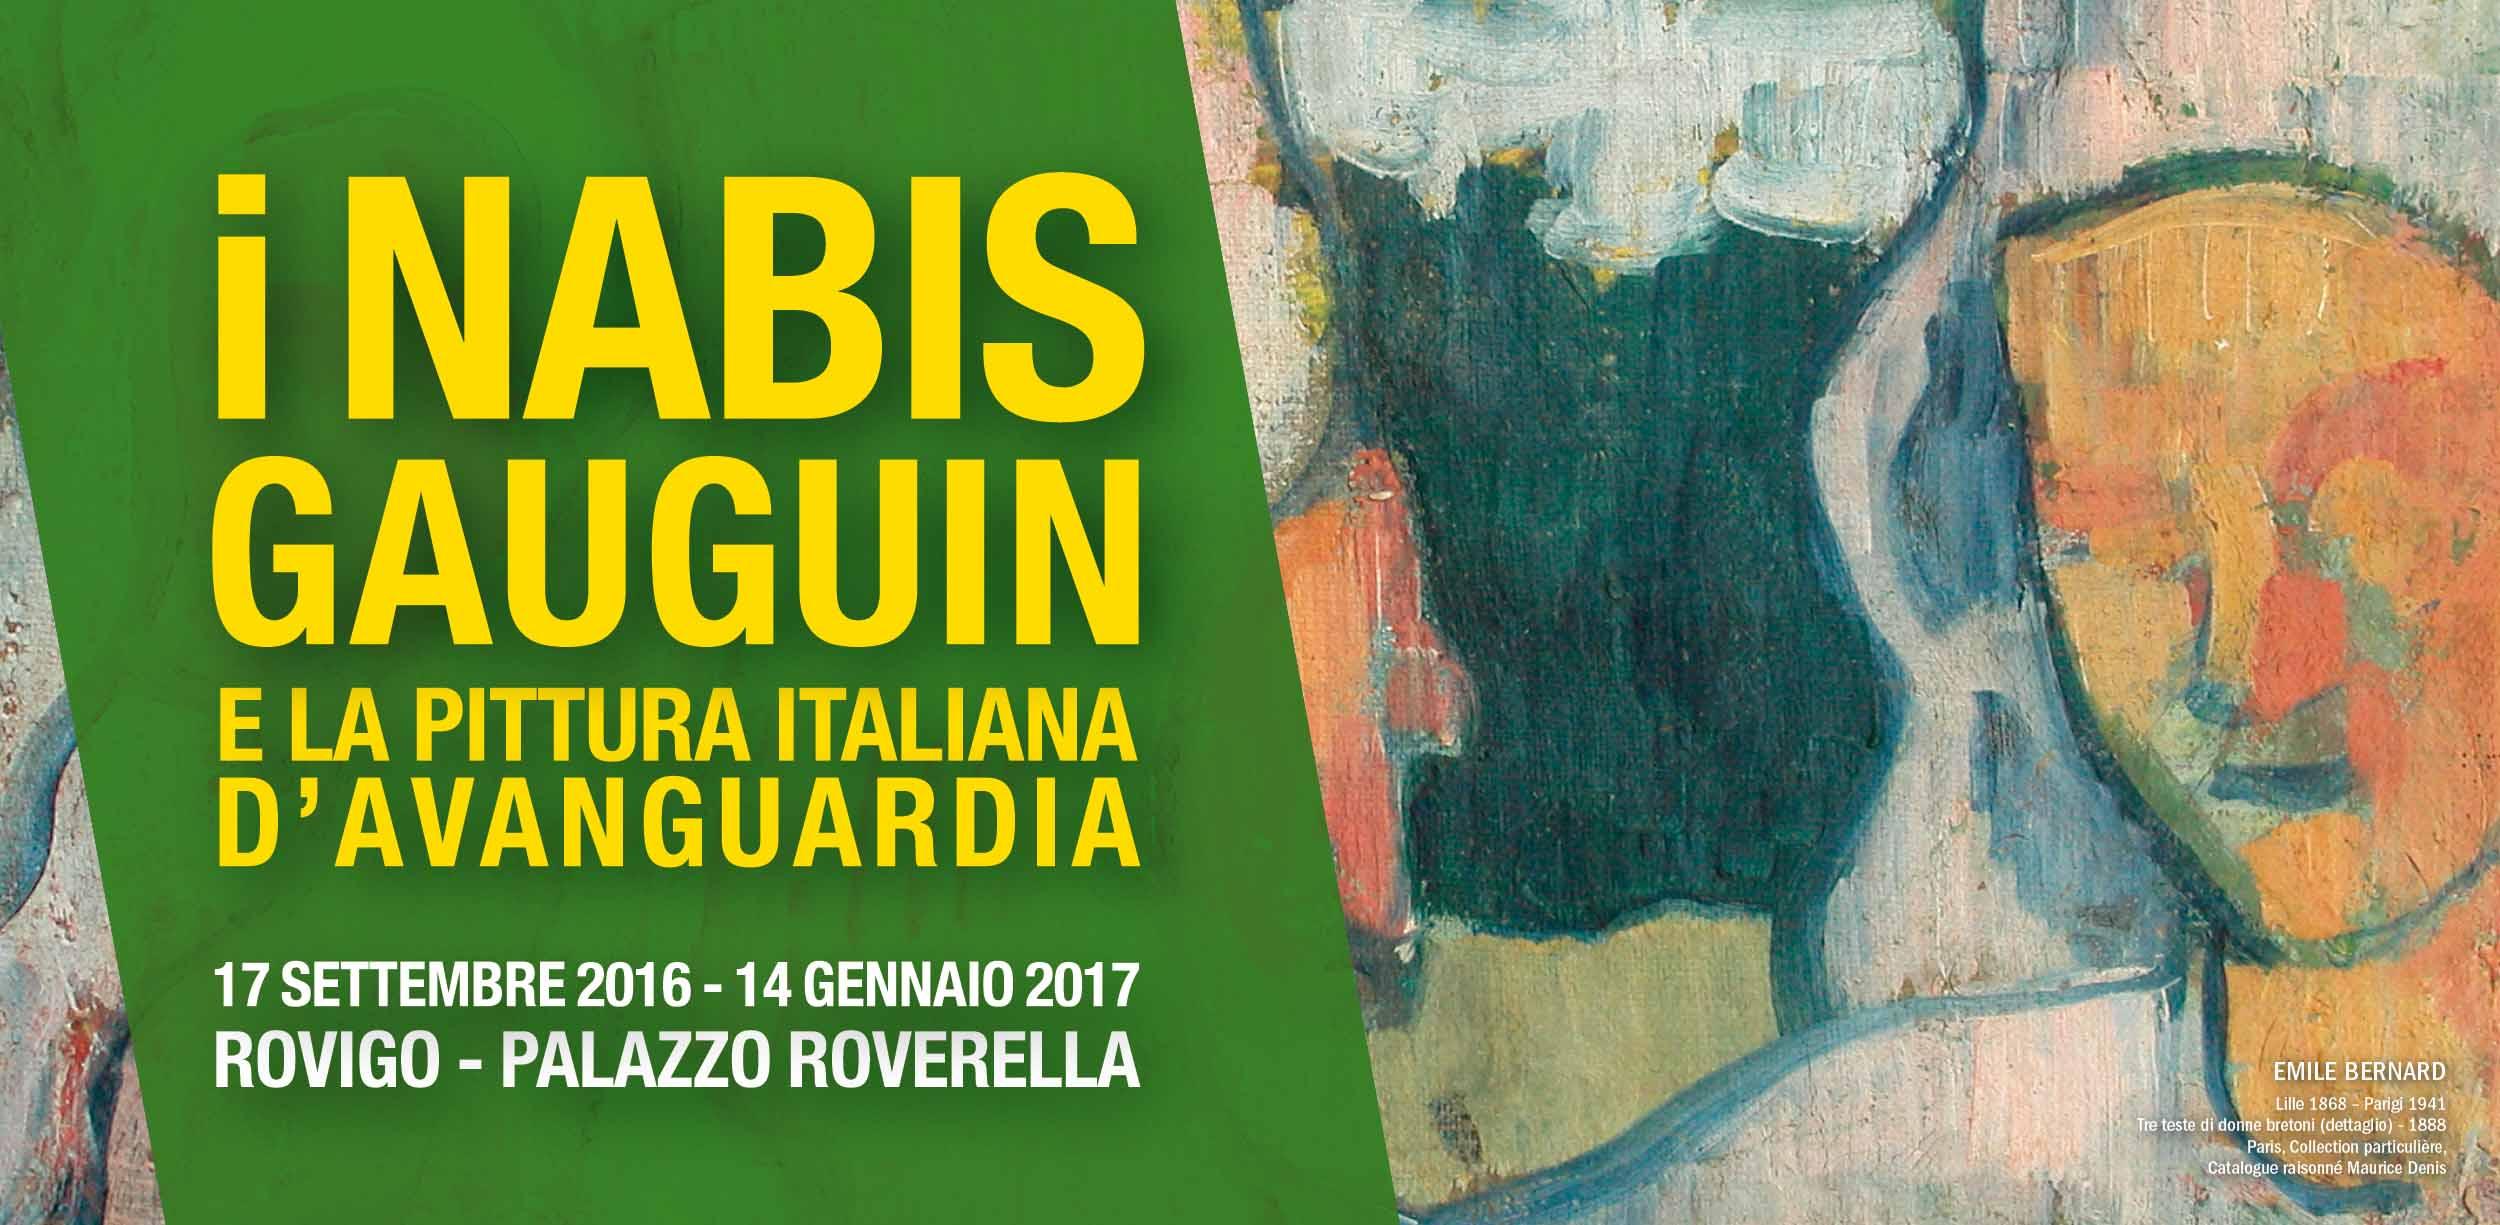 I-Nabis-Gauguin